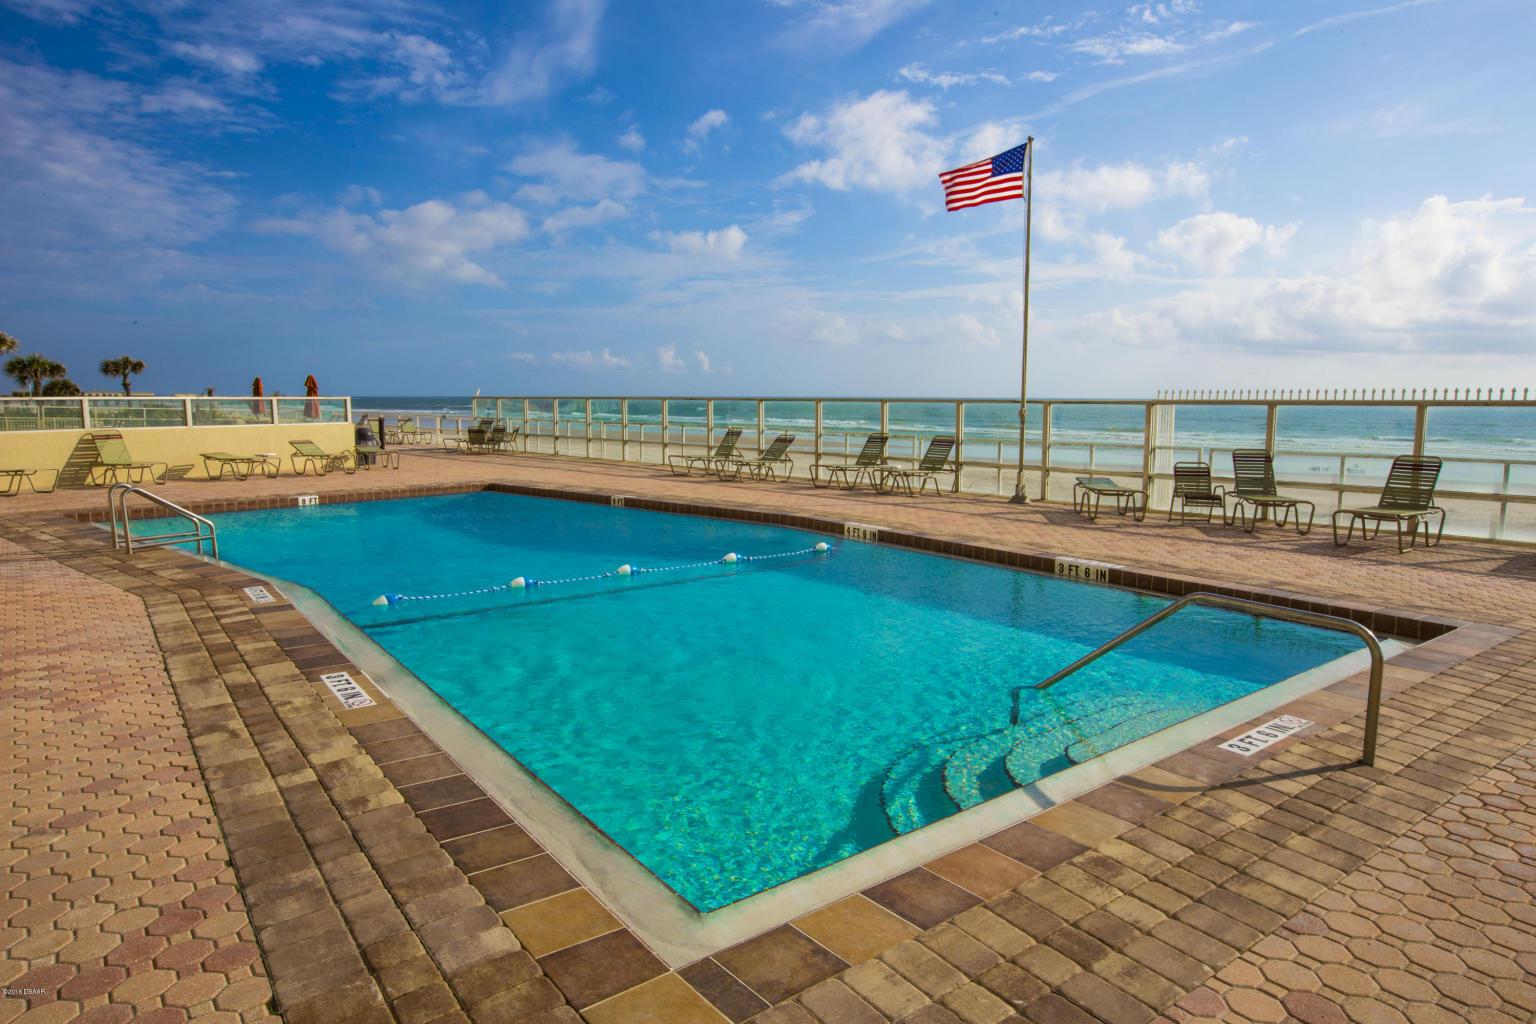 shores club ocean front condos daytona beach for sale